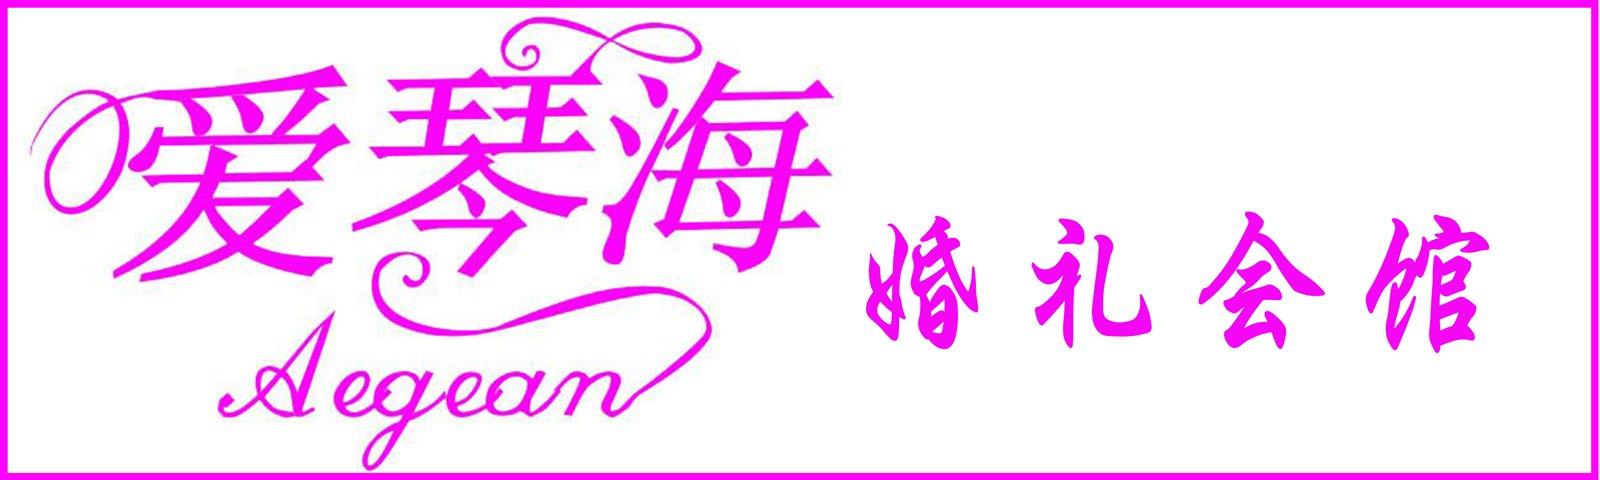 香港曾道人爱琴海婚礼会馆